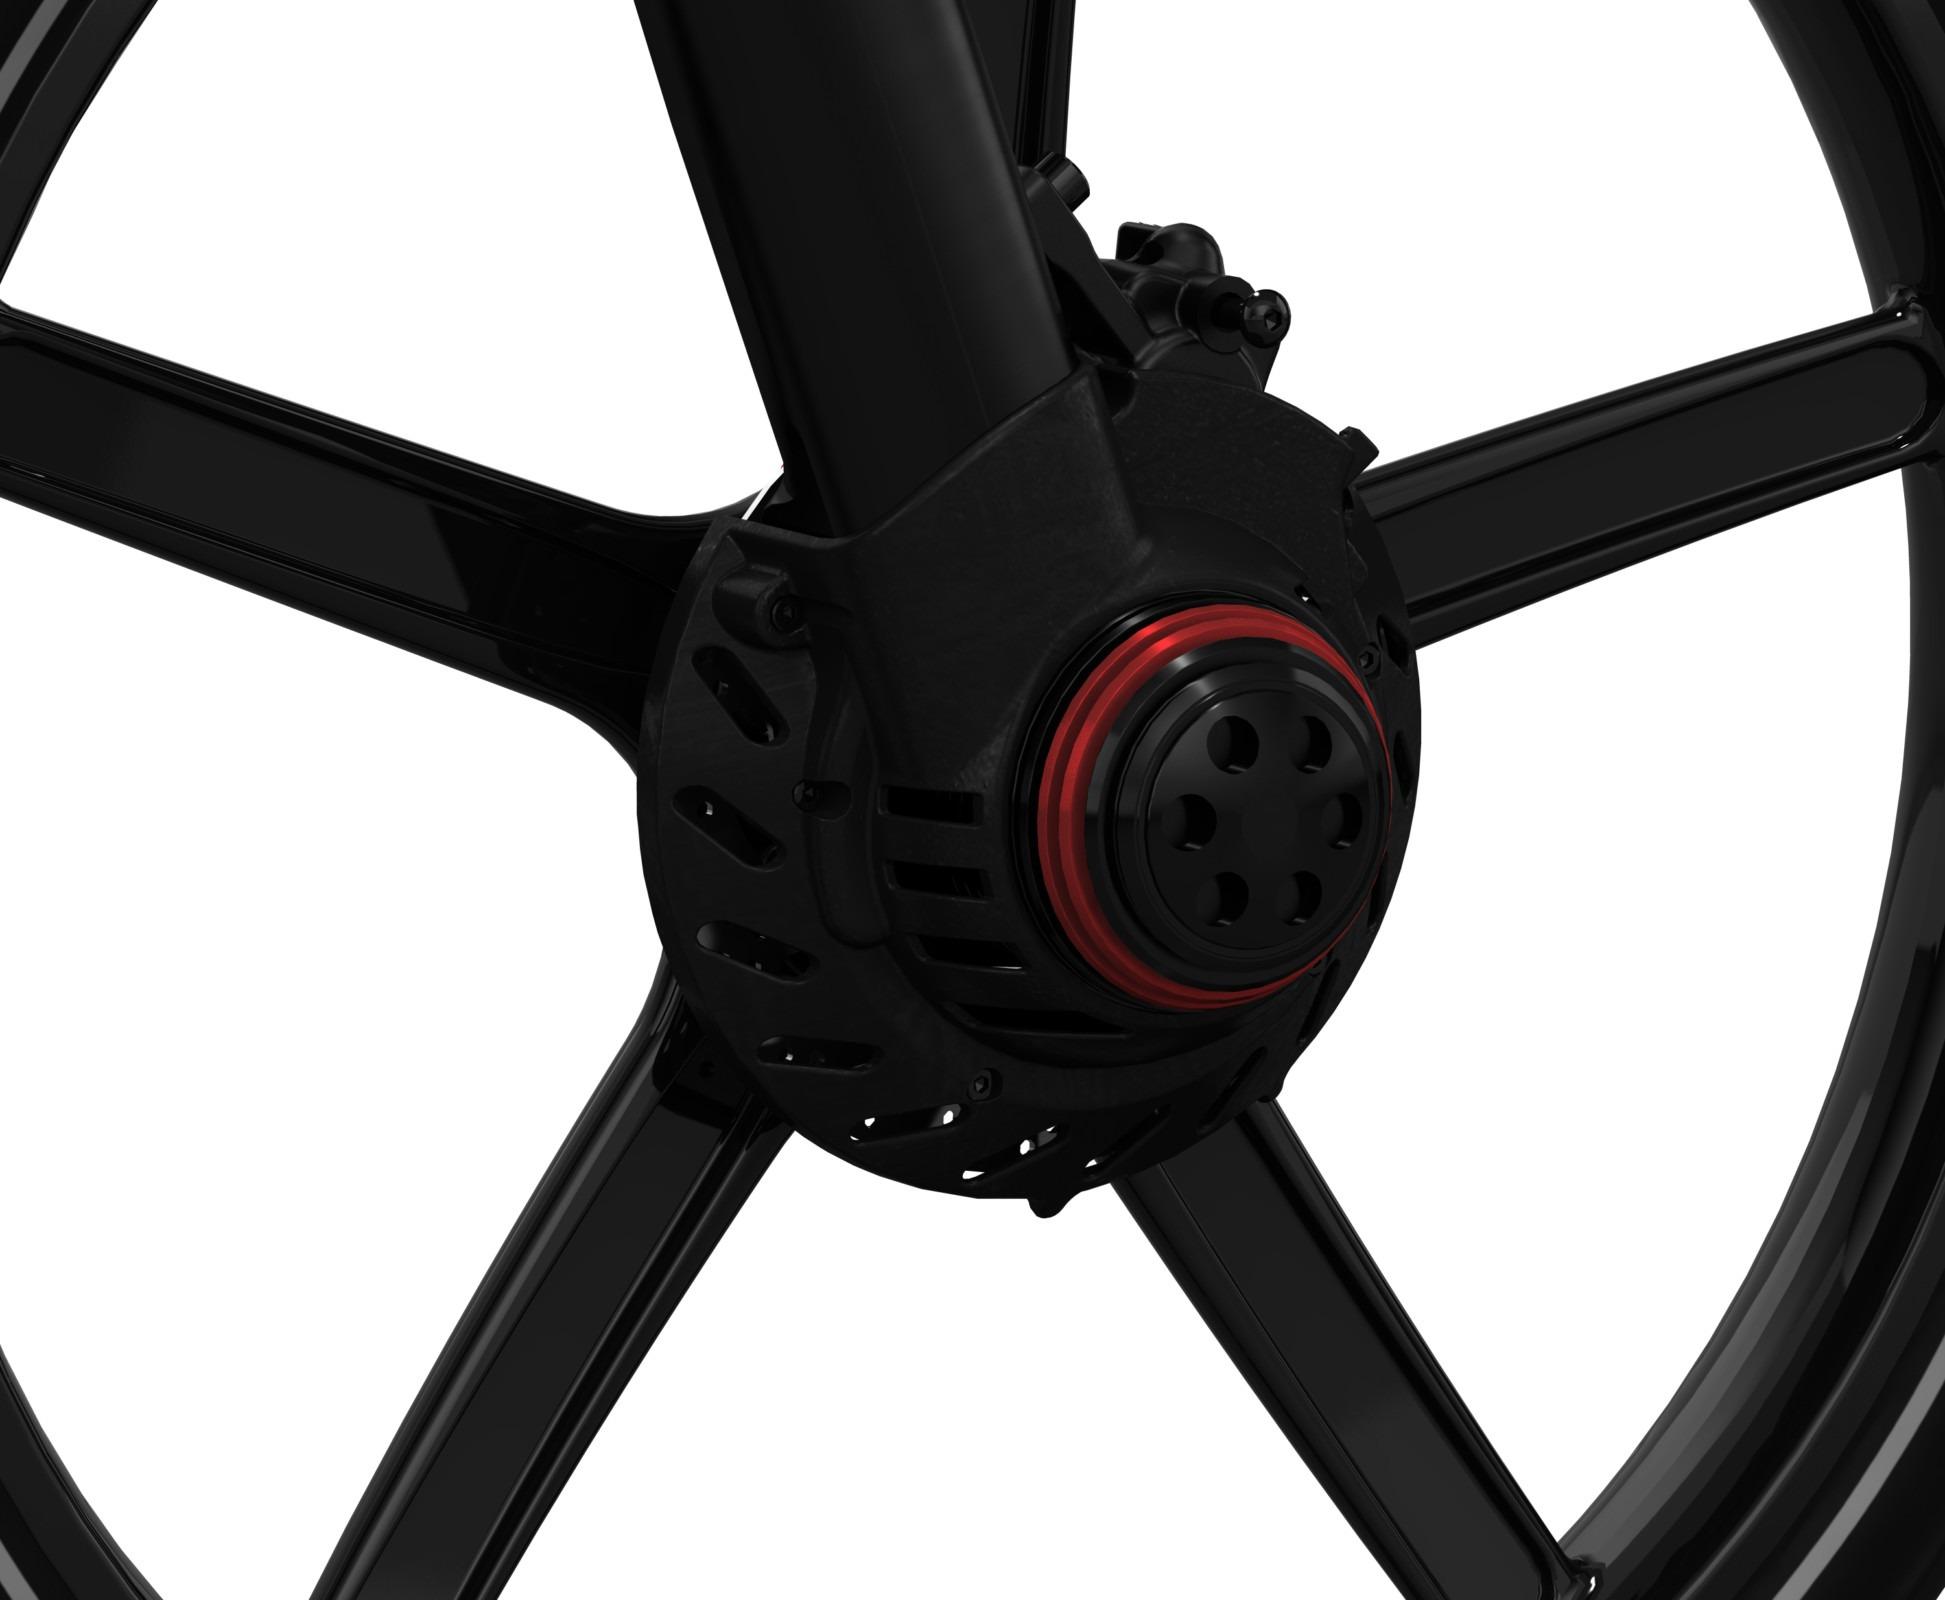 Gocycle G3 motor